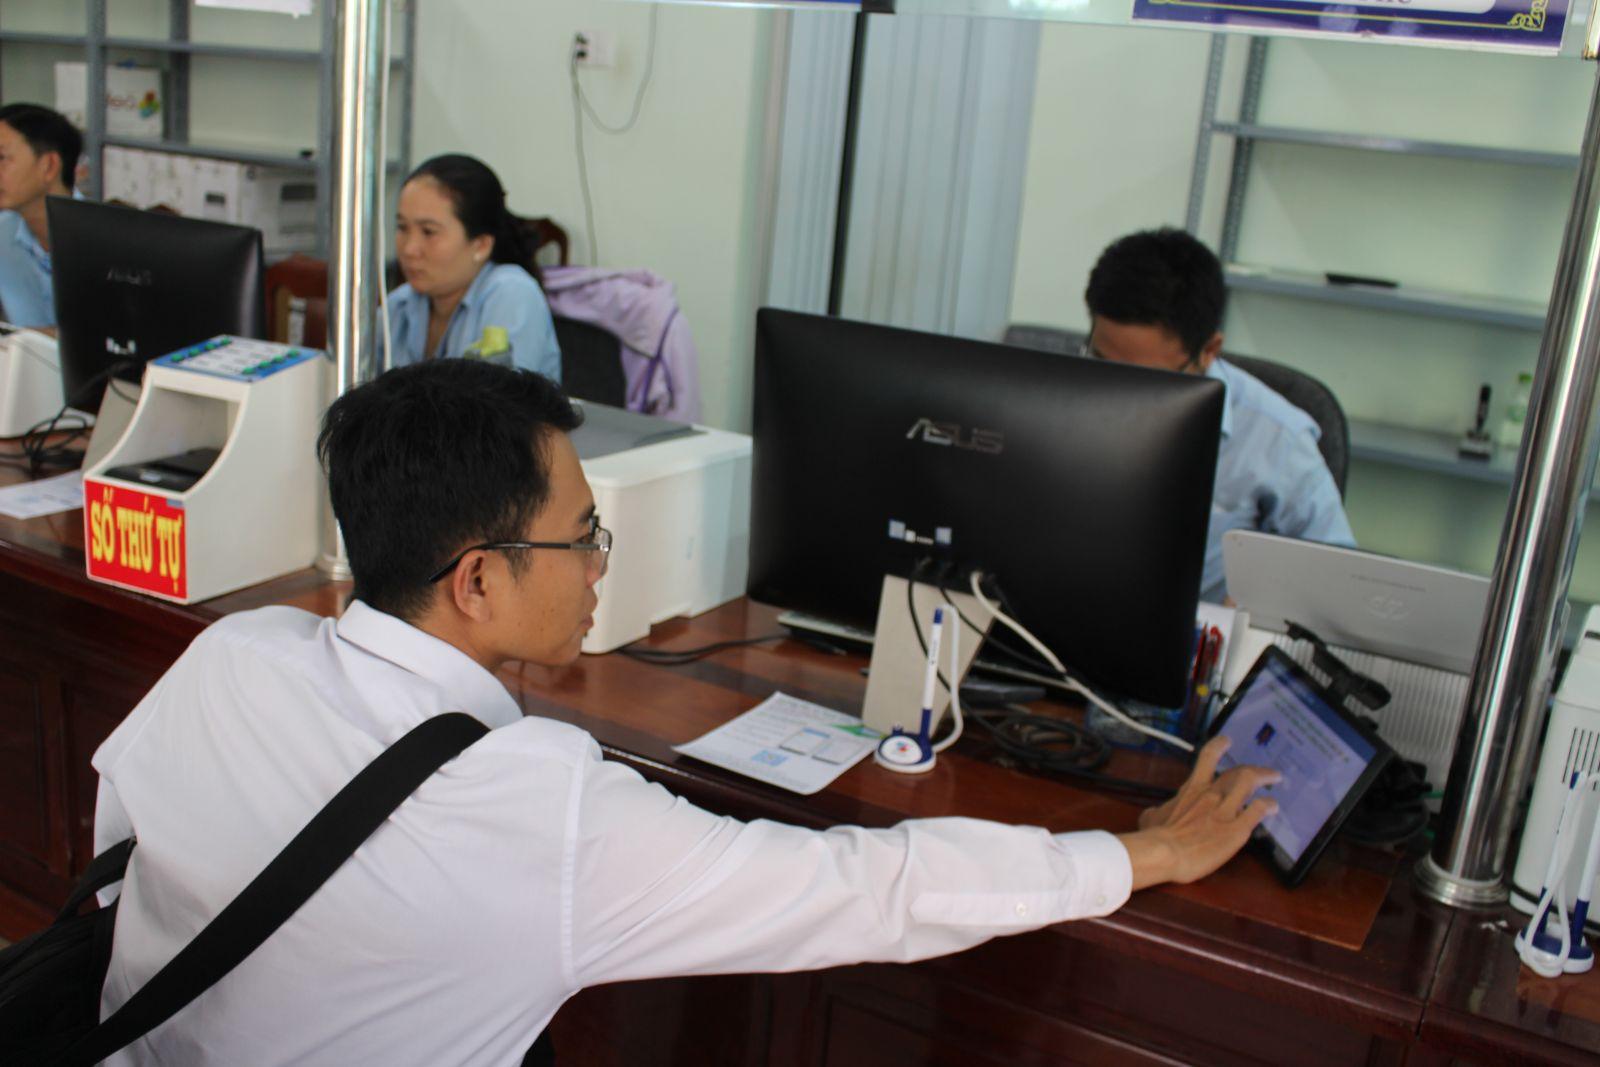 Việc ứng dụng công nghệ thông tin trên địa bàn huyện Cần Giuộc có những đột phá mới, góp phần tạo sự hài lòng cho người dân, doanh nghiệp trong giải quyết thủ tục hành chính